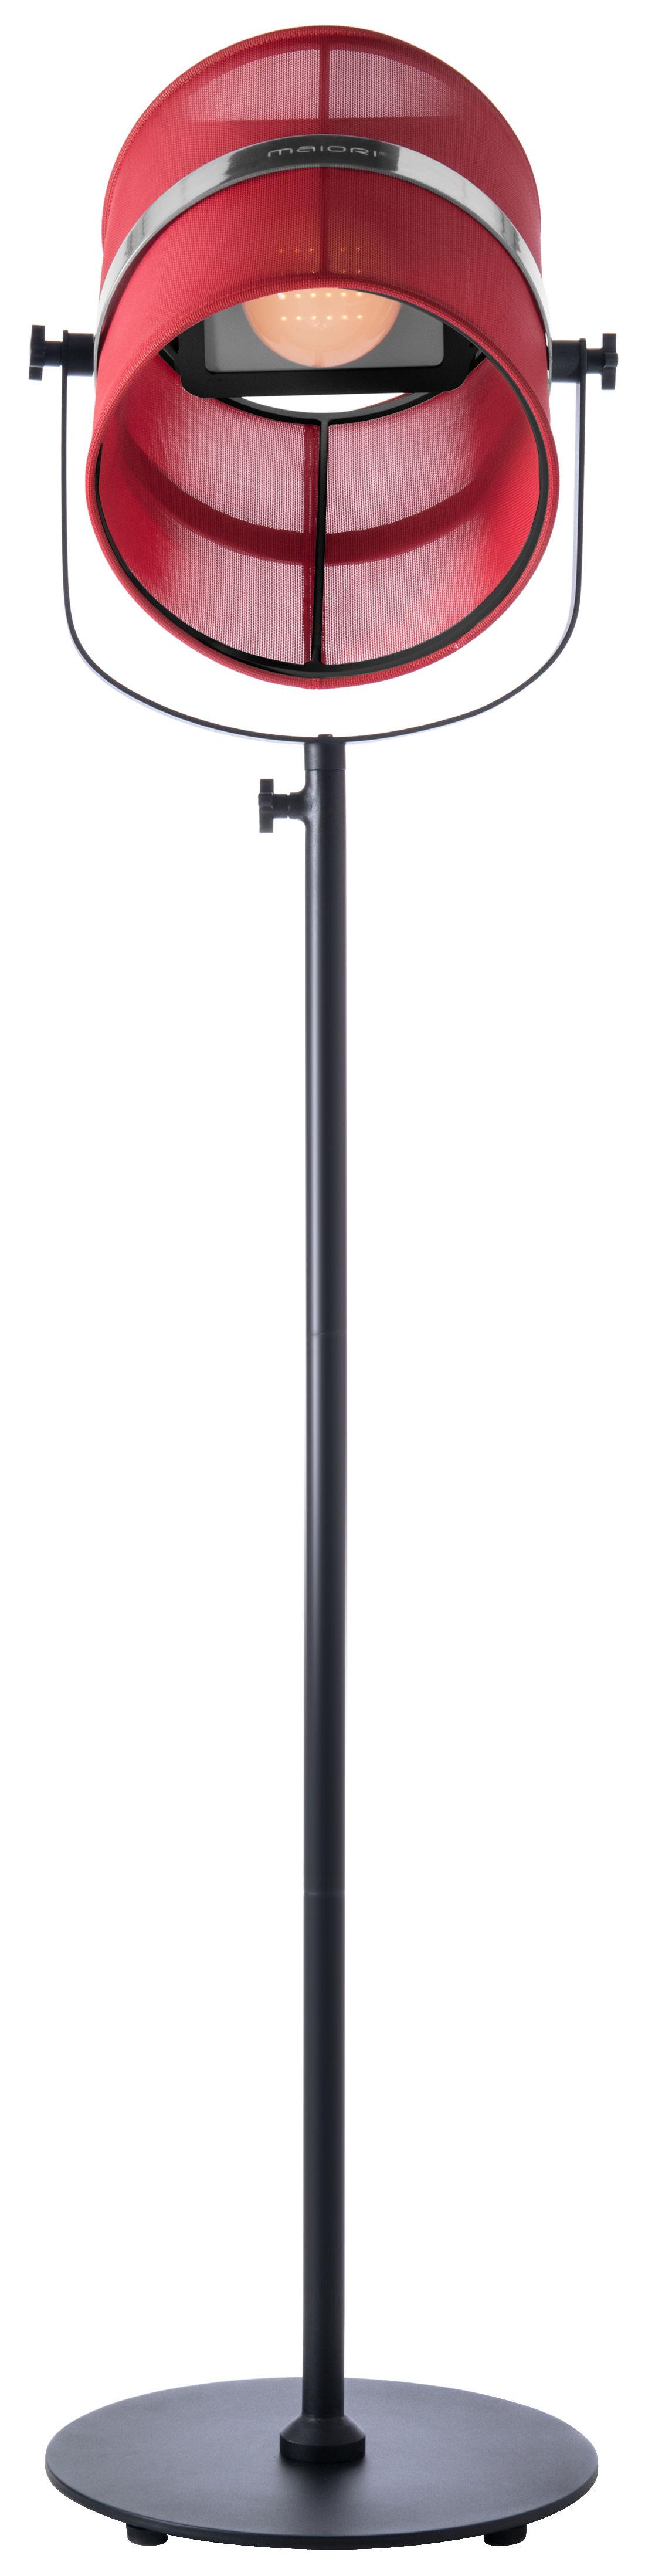 Leuchten - Stehleuchten - La Lampe Paris LED Solarleuchte / kabellos - Maiori - Rot / Ständer schwarz - bemaltes Aluminium, Gewebe